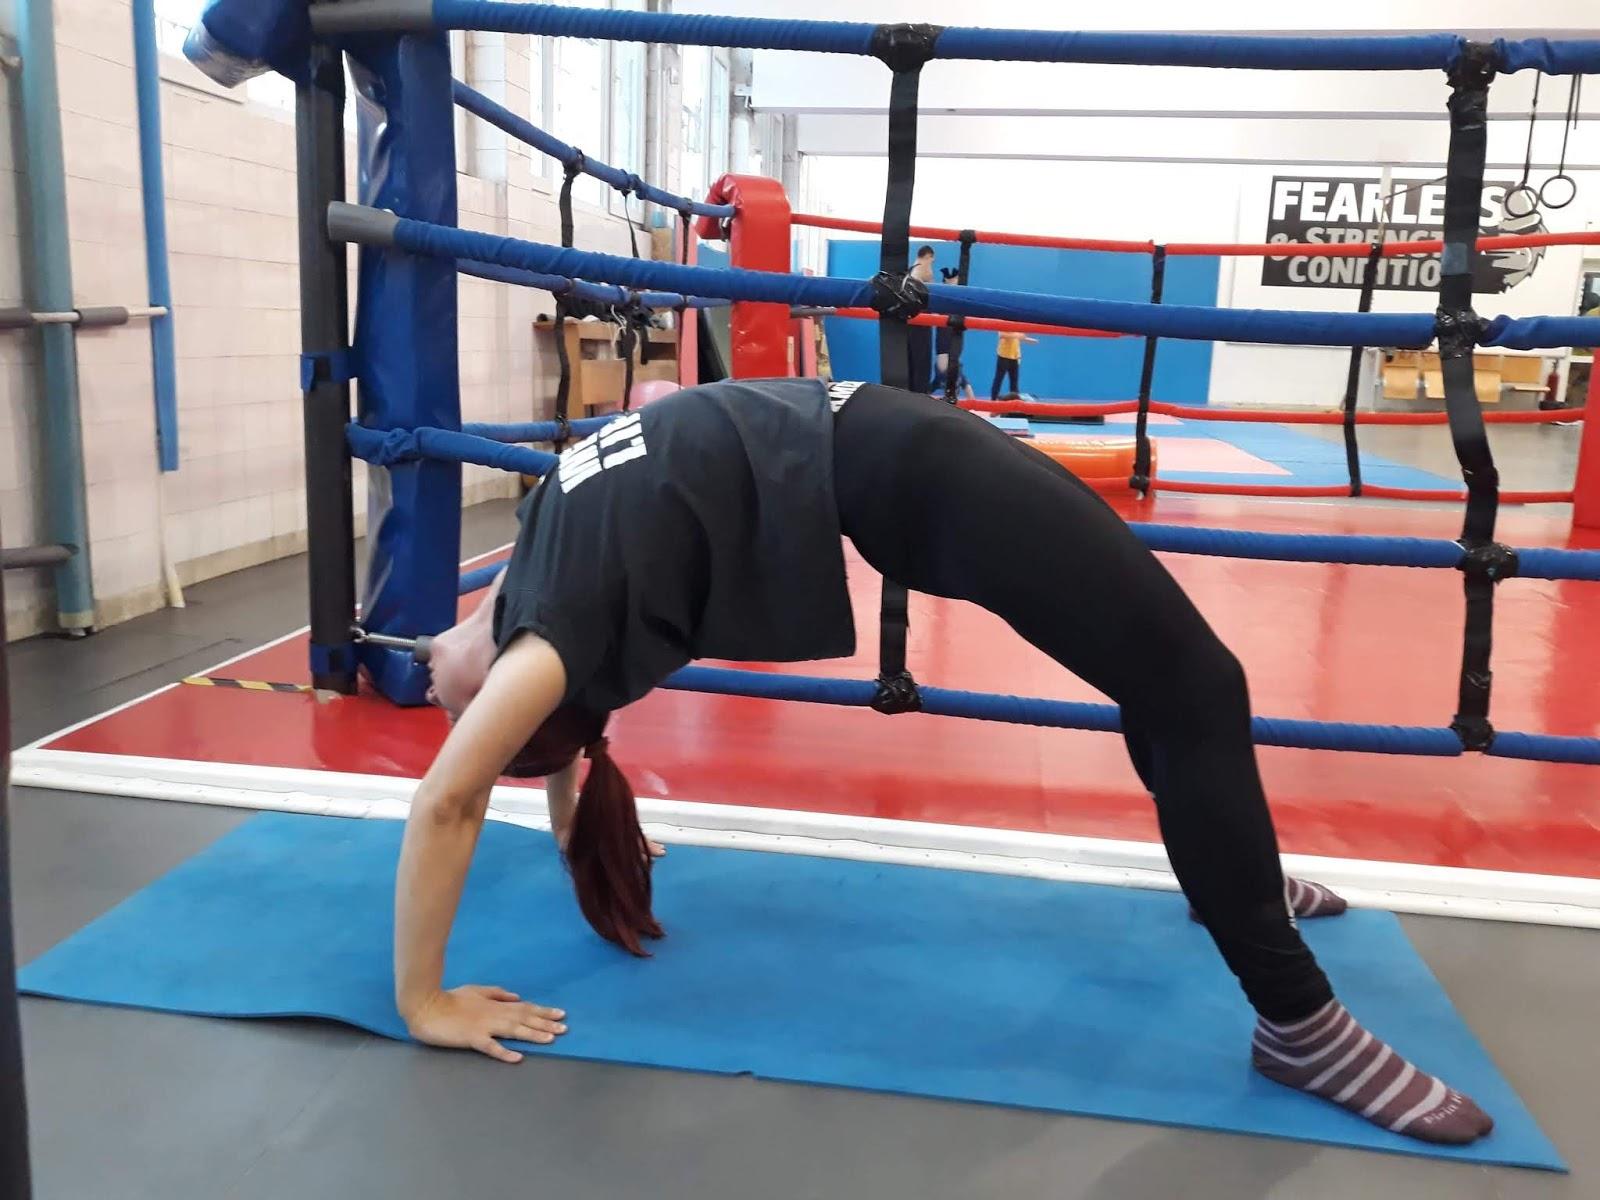 7a62aec1e8d ... където се цели постигане на определен обем натоварване върху определен  мускул или мускулна група чрез използването на едноставни физически  упражнения, ...